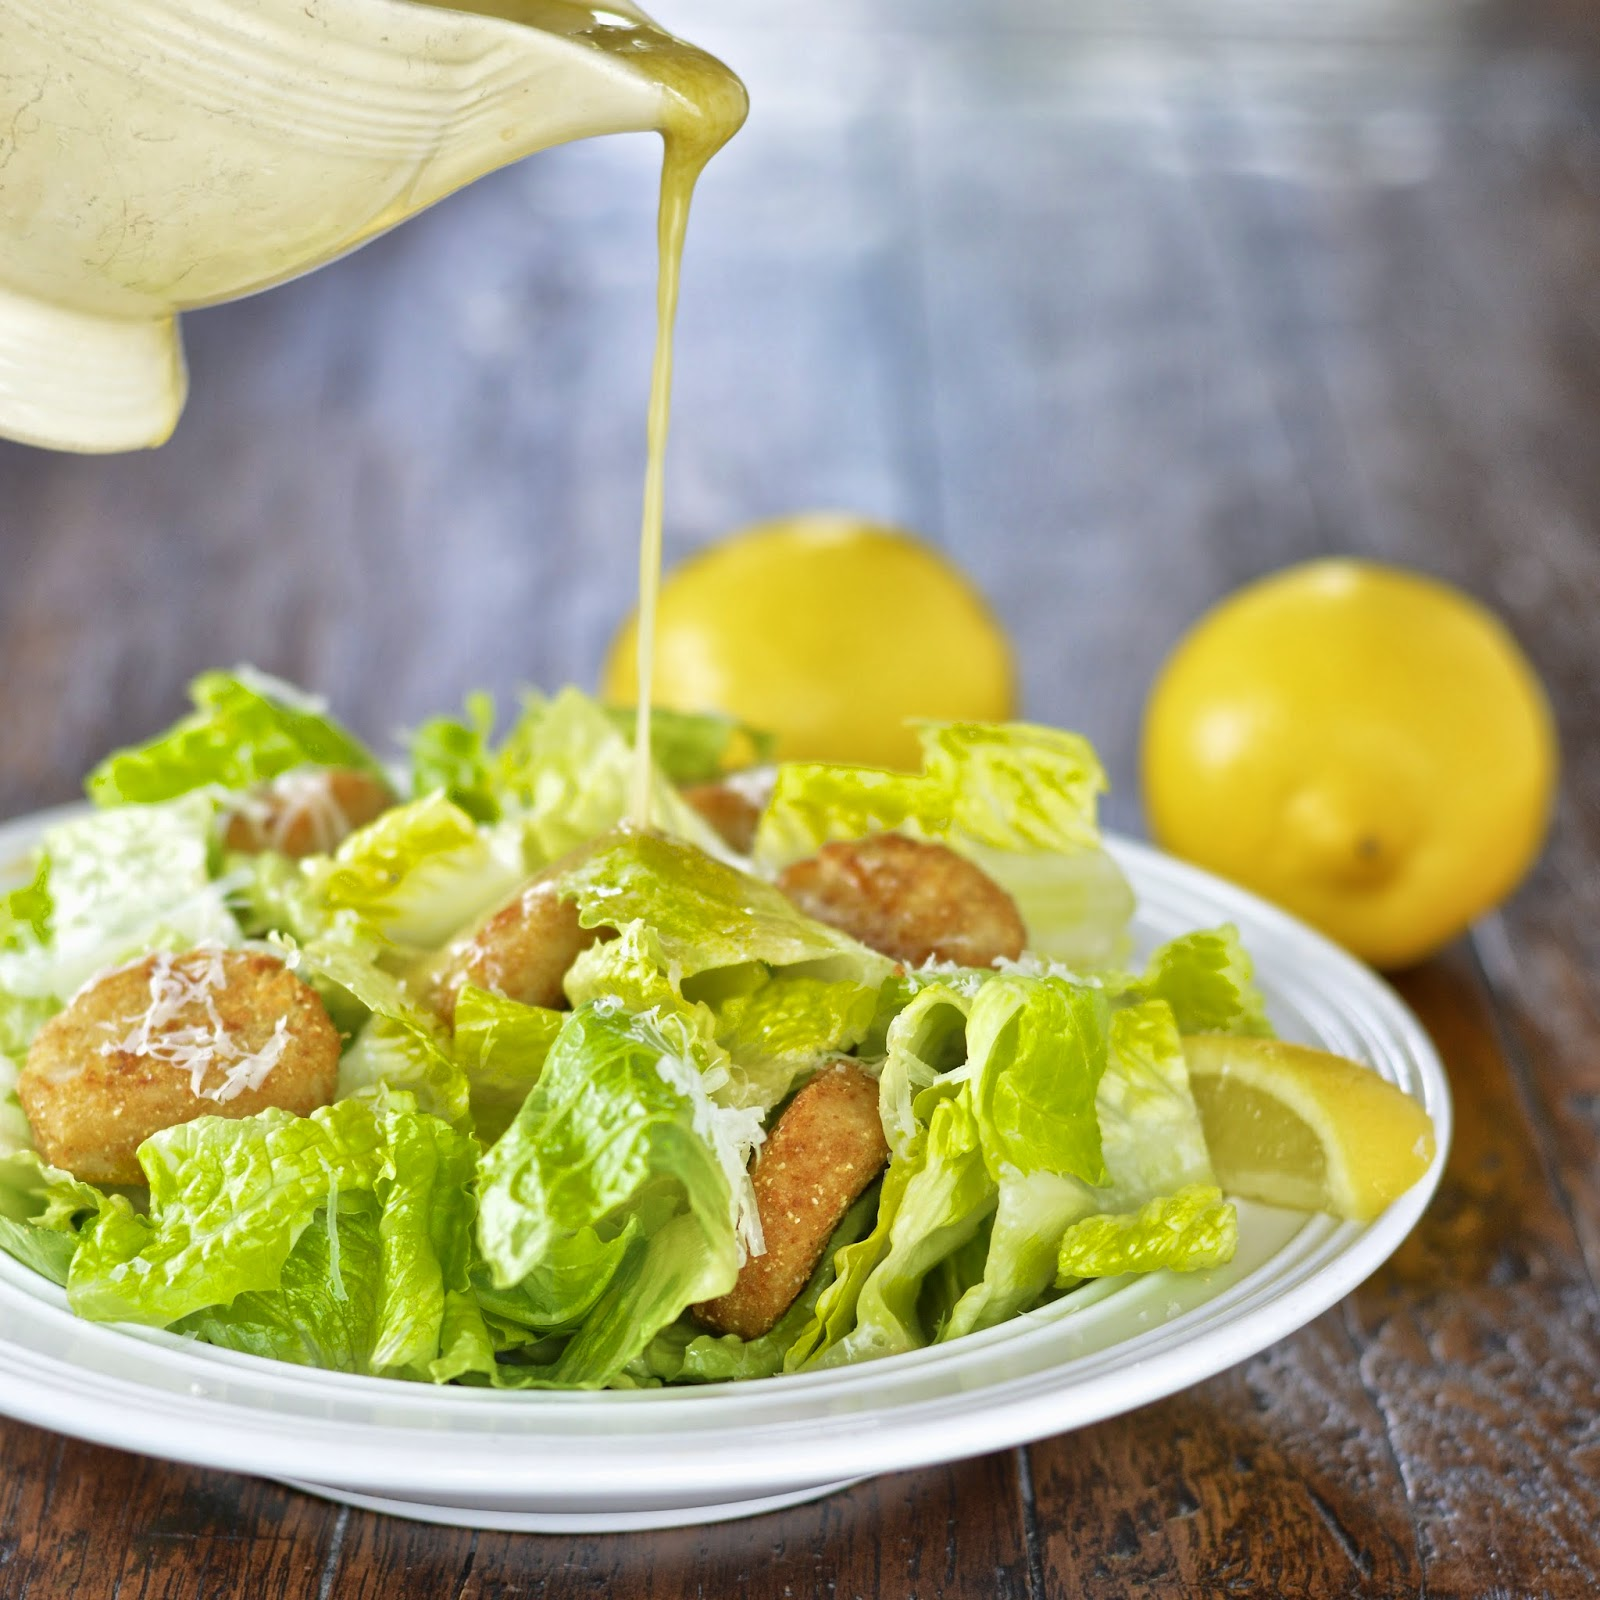 Easy Sweet Olive Oil and Vinegar Dressing